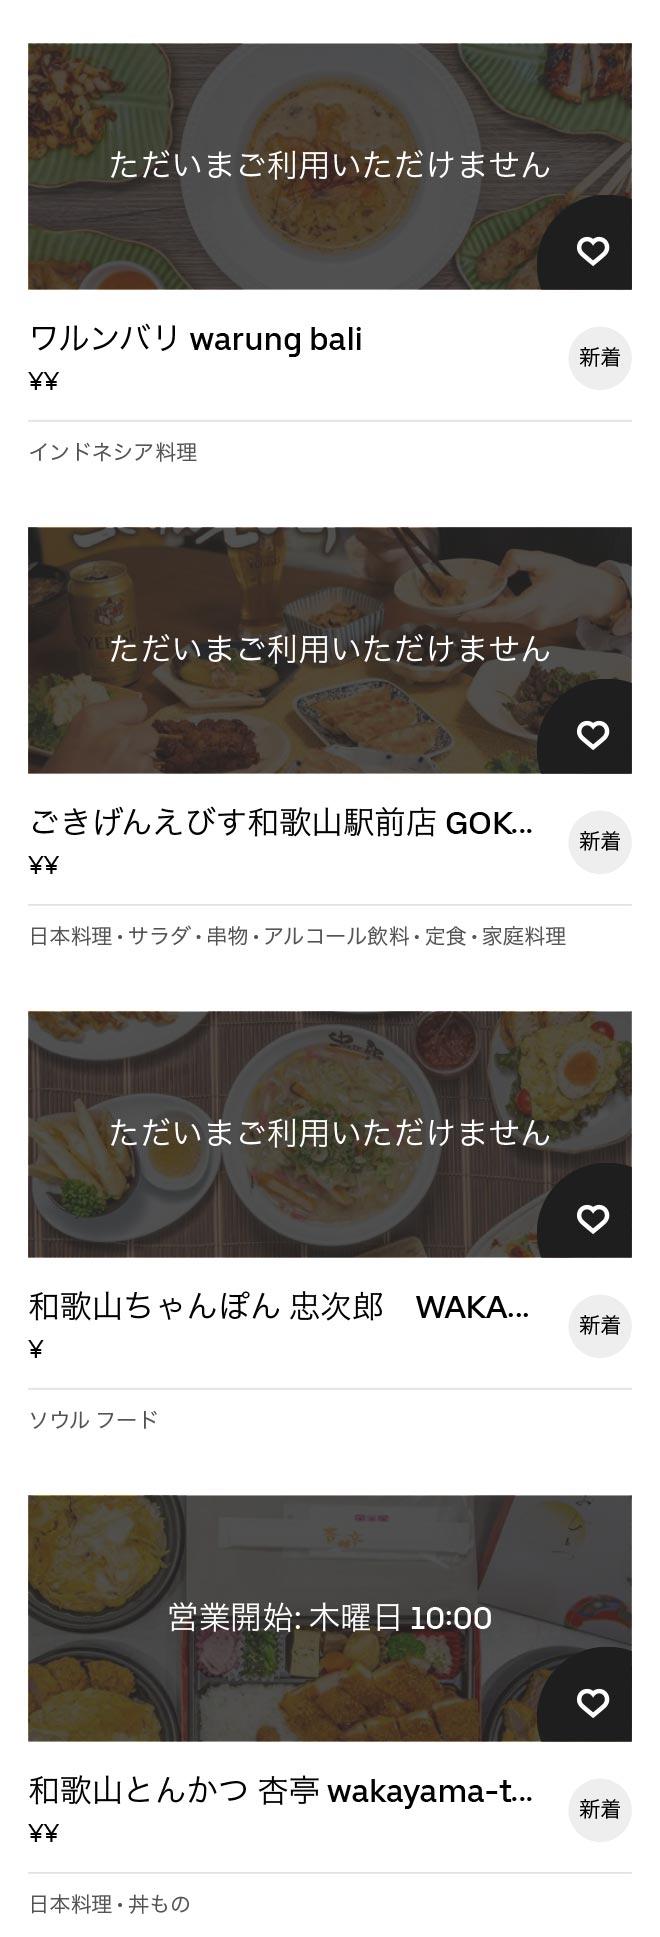 W miyamae menu 2011 7